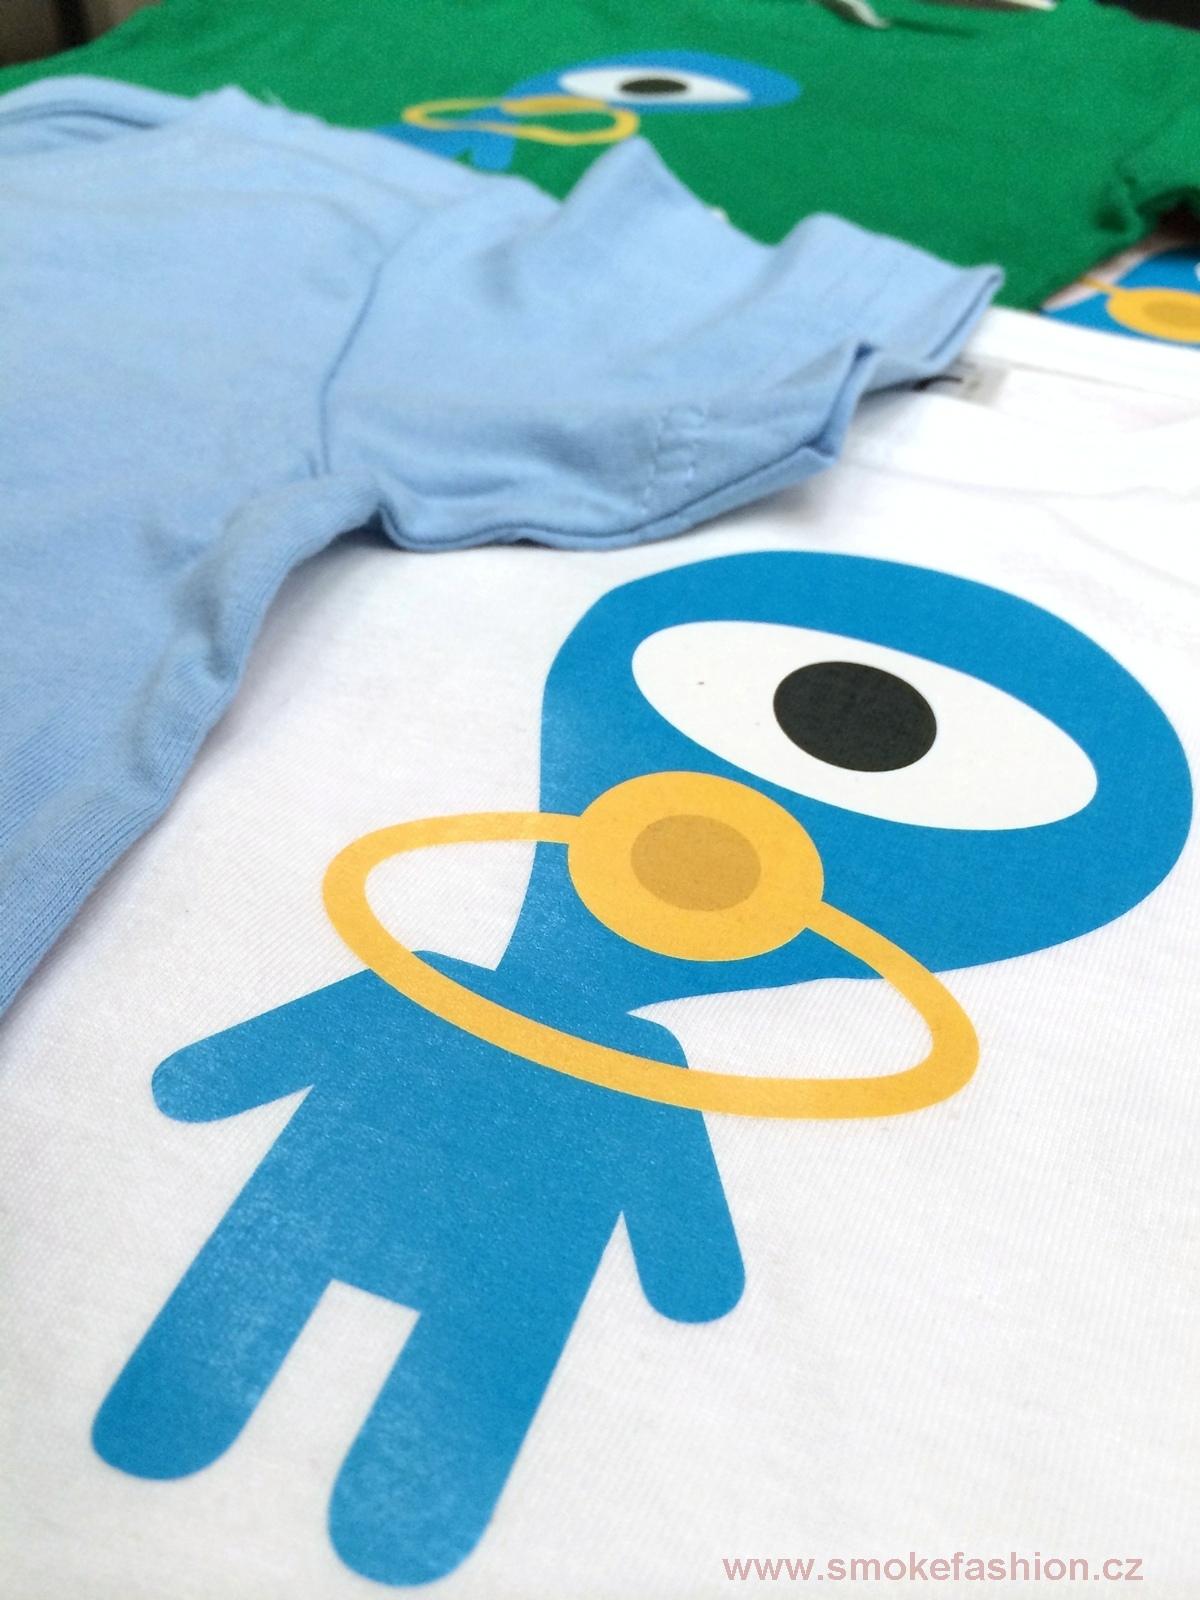 60583e63261 Reklamní trička s potiskem - Potisk dětských triček s vlastním ...